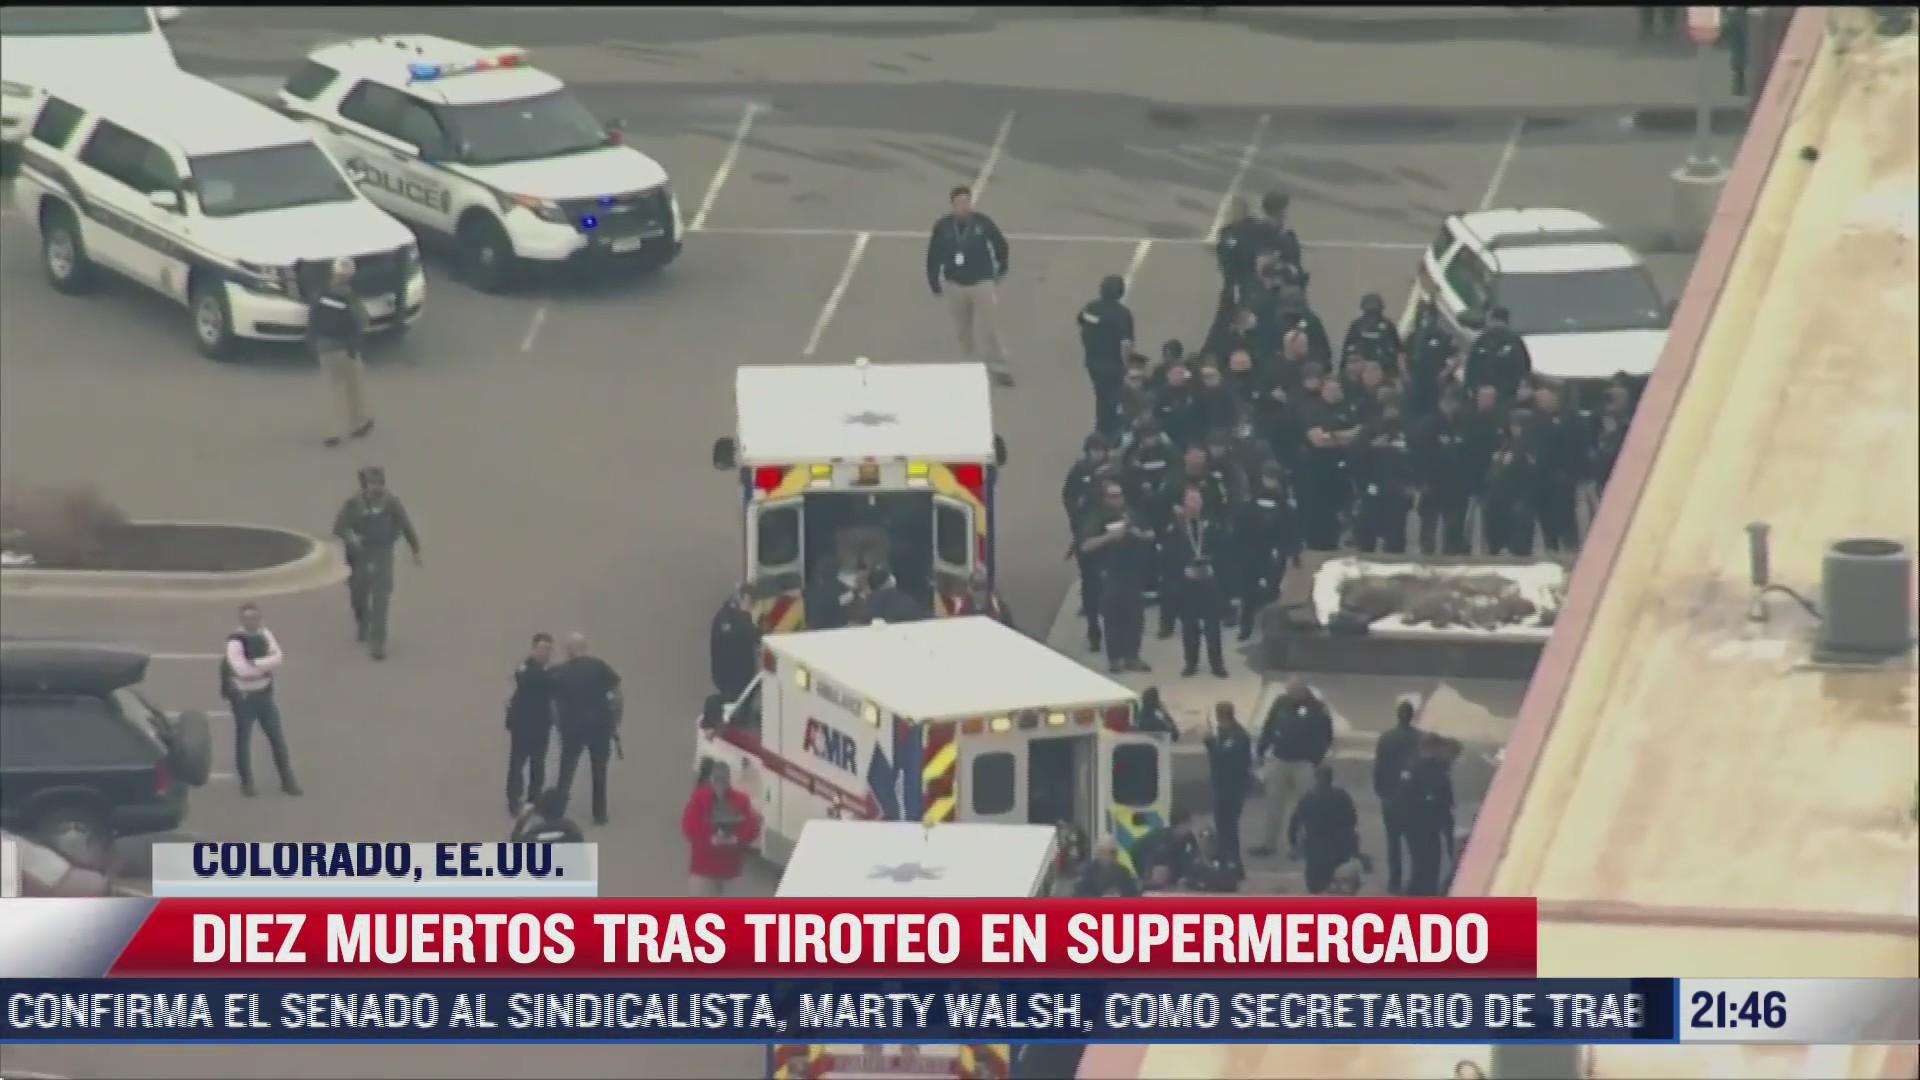 tiroteo en supermercado de colorado eeuu deja diez muertos